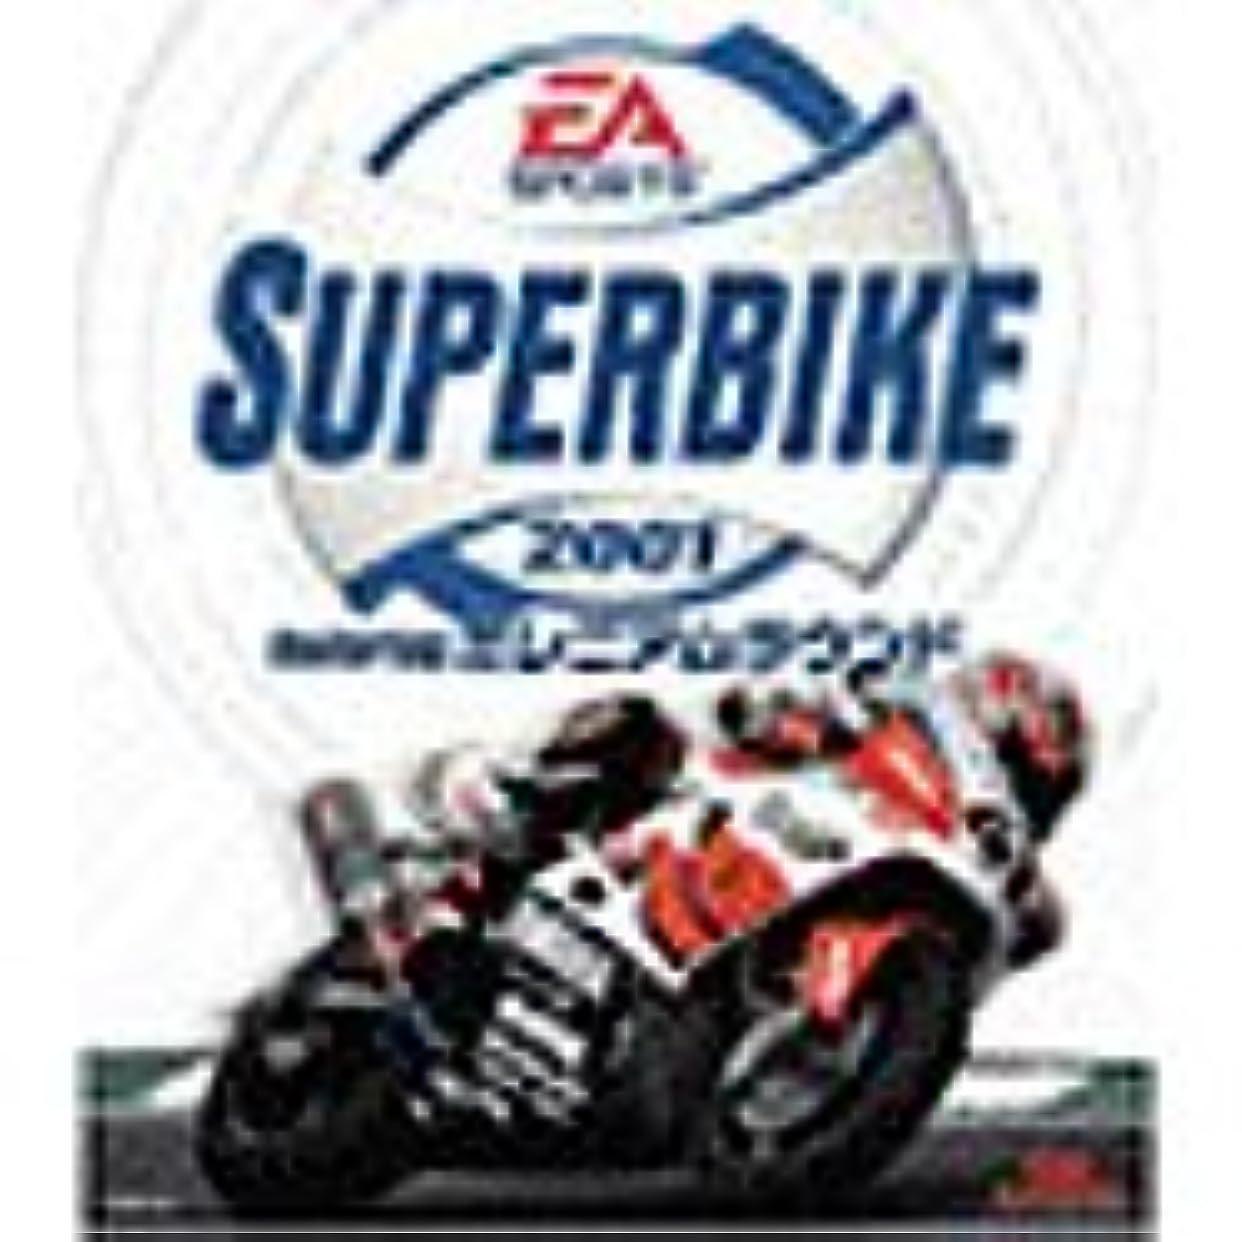 ひどい成熟した配送スーパーバイク 2001 Featuring ミレニアムラウンド